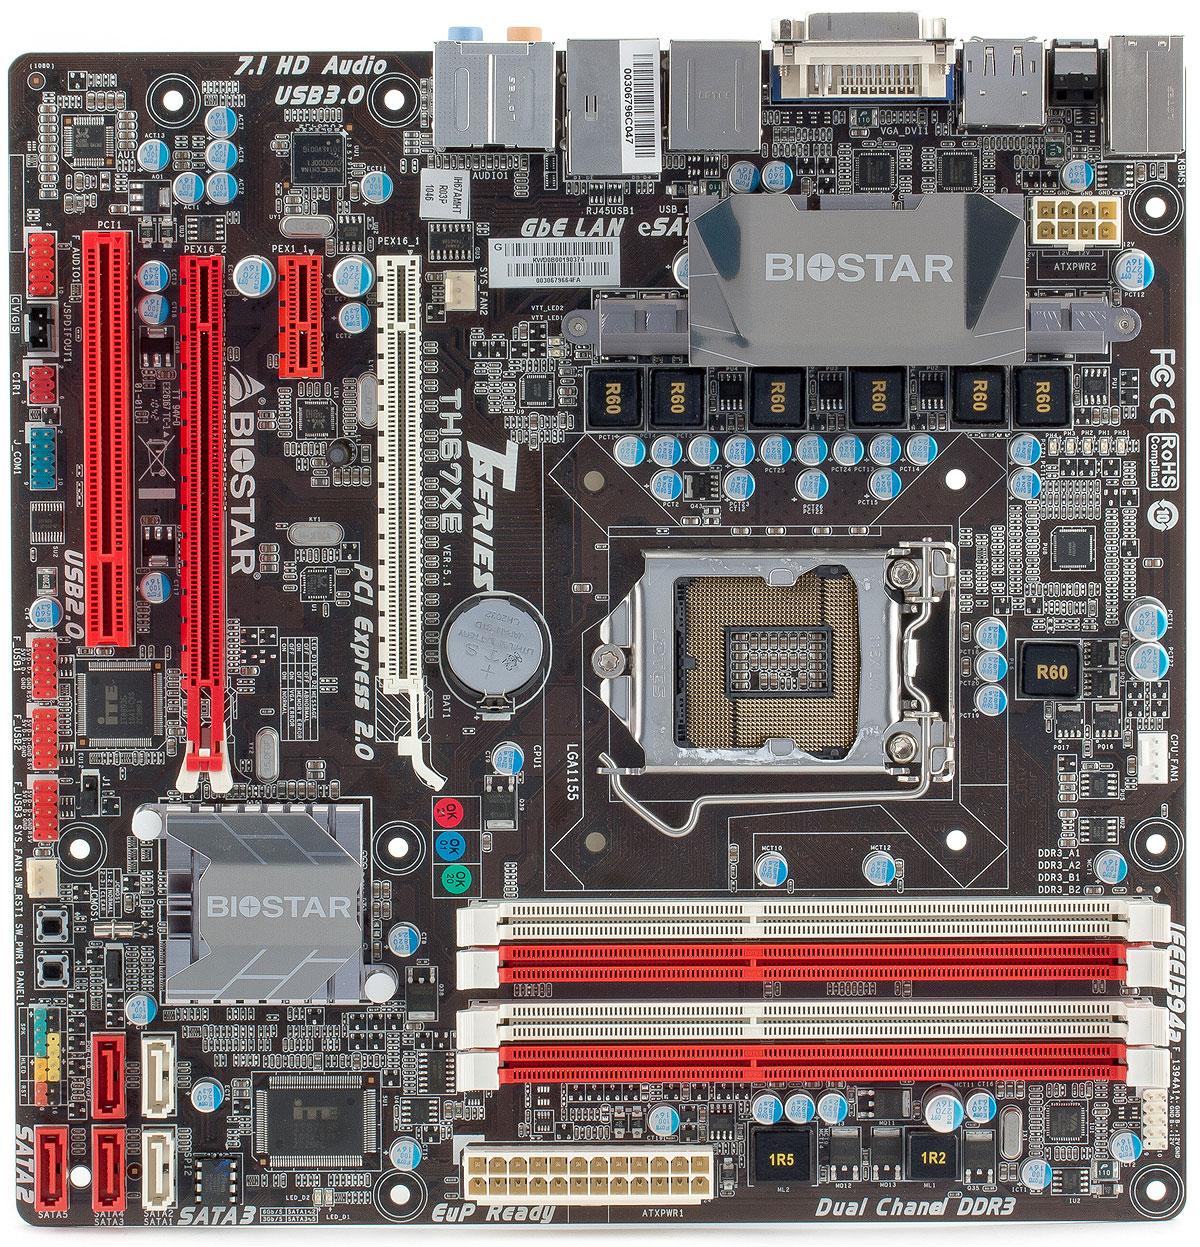 BIOSTAR TA880G RENESAS USB 2.0 DRIVER